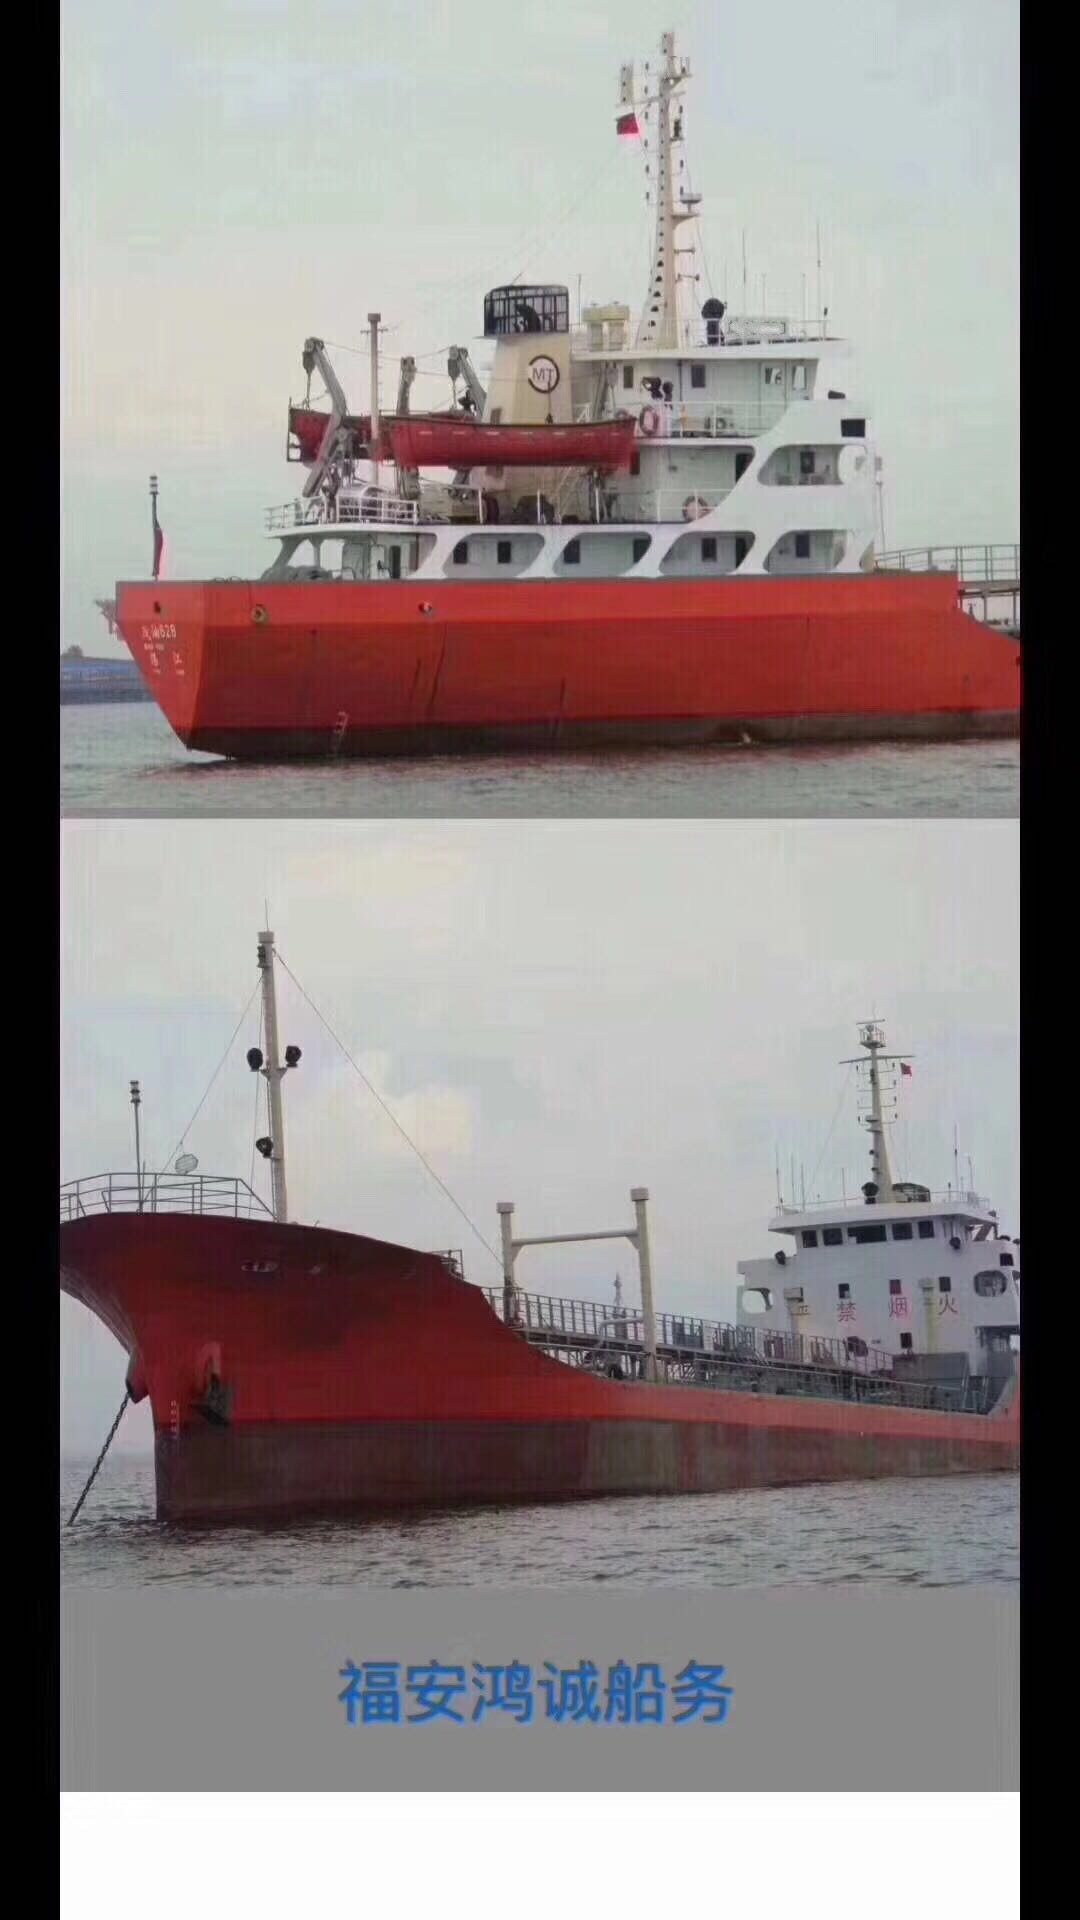 出售2400吨一级油船